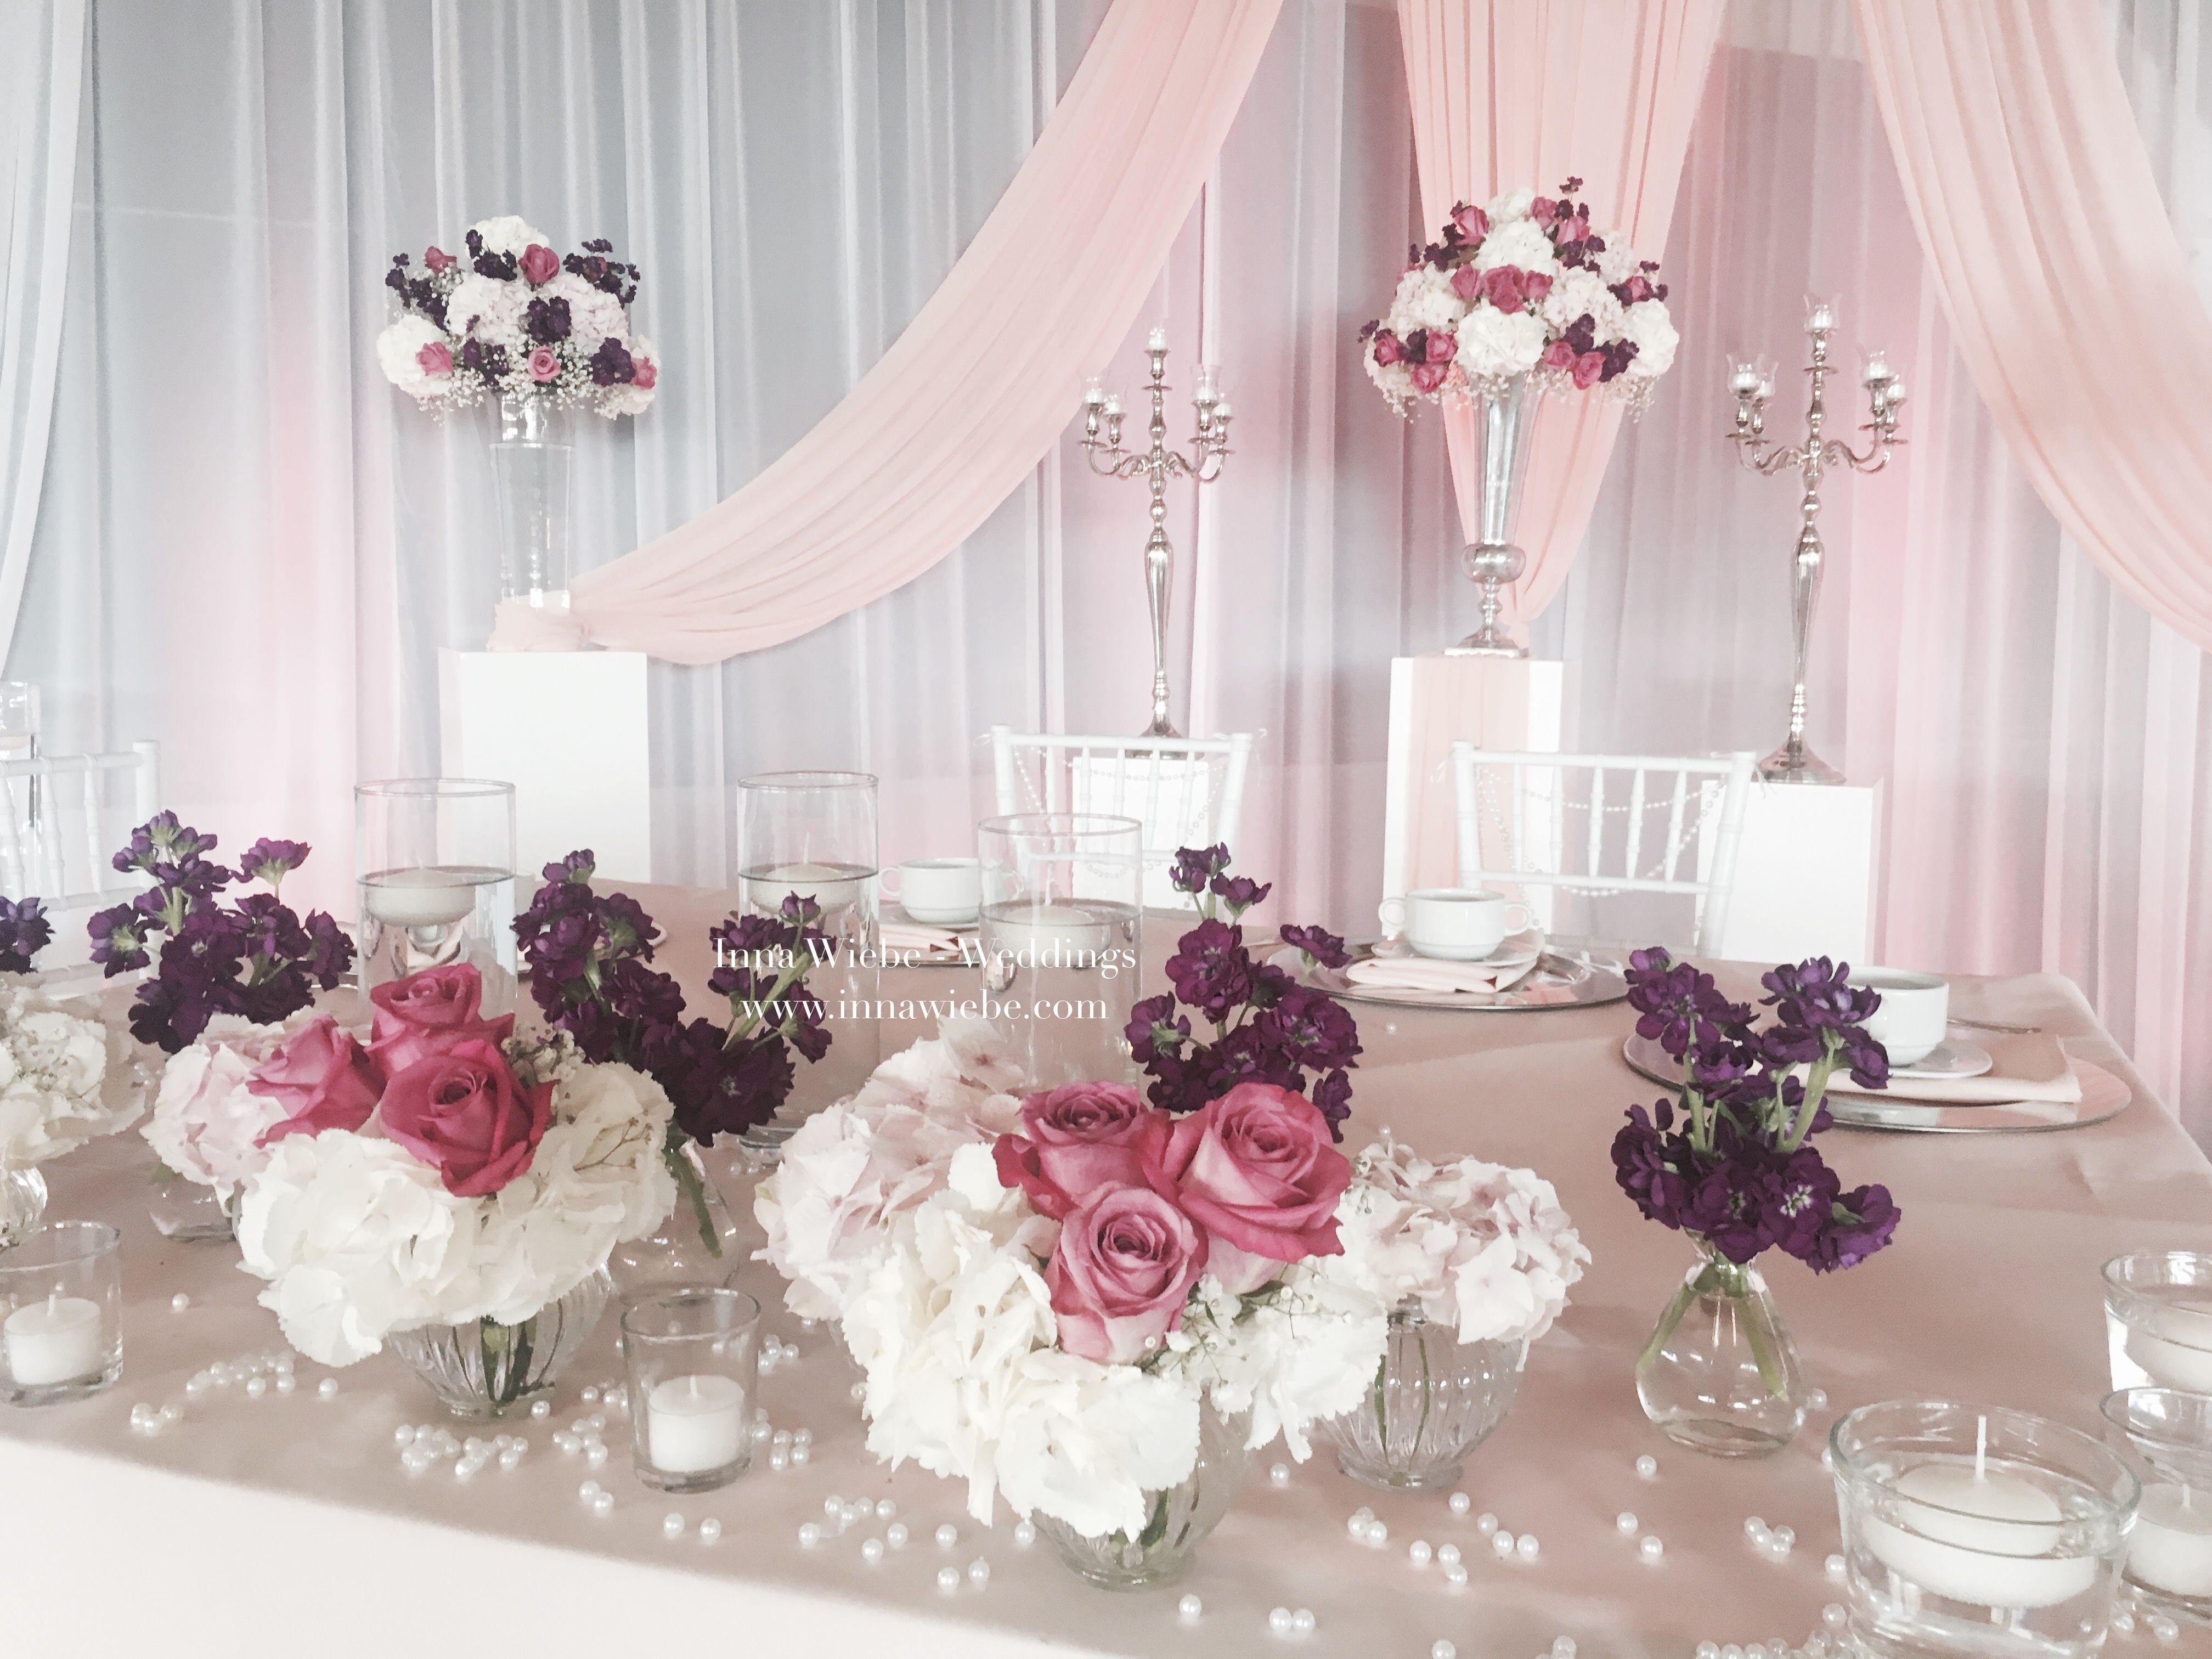 Brautpaartisch Mit Kraftigen Akzenten In Lila Individuelles Design Fur Jedes Brautpaar Brautpaartisch Weddingtab Hochzeit Deko Hochzeitsdekoration Hochzeit